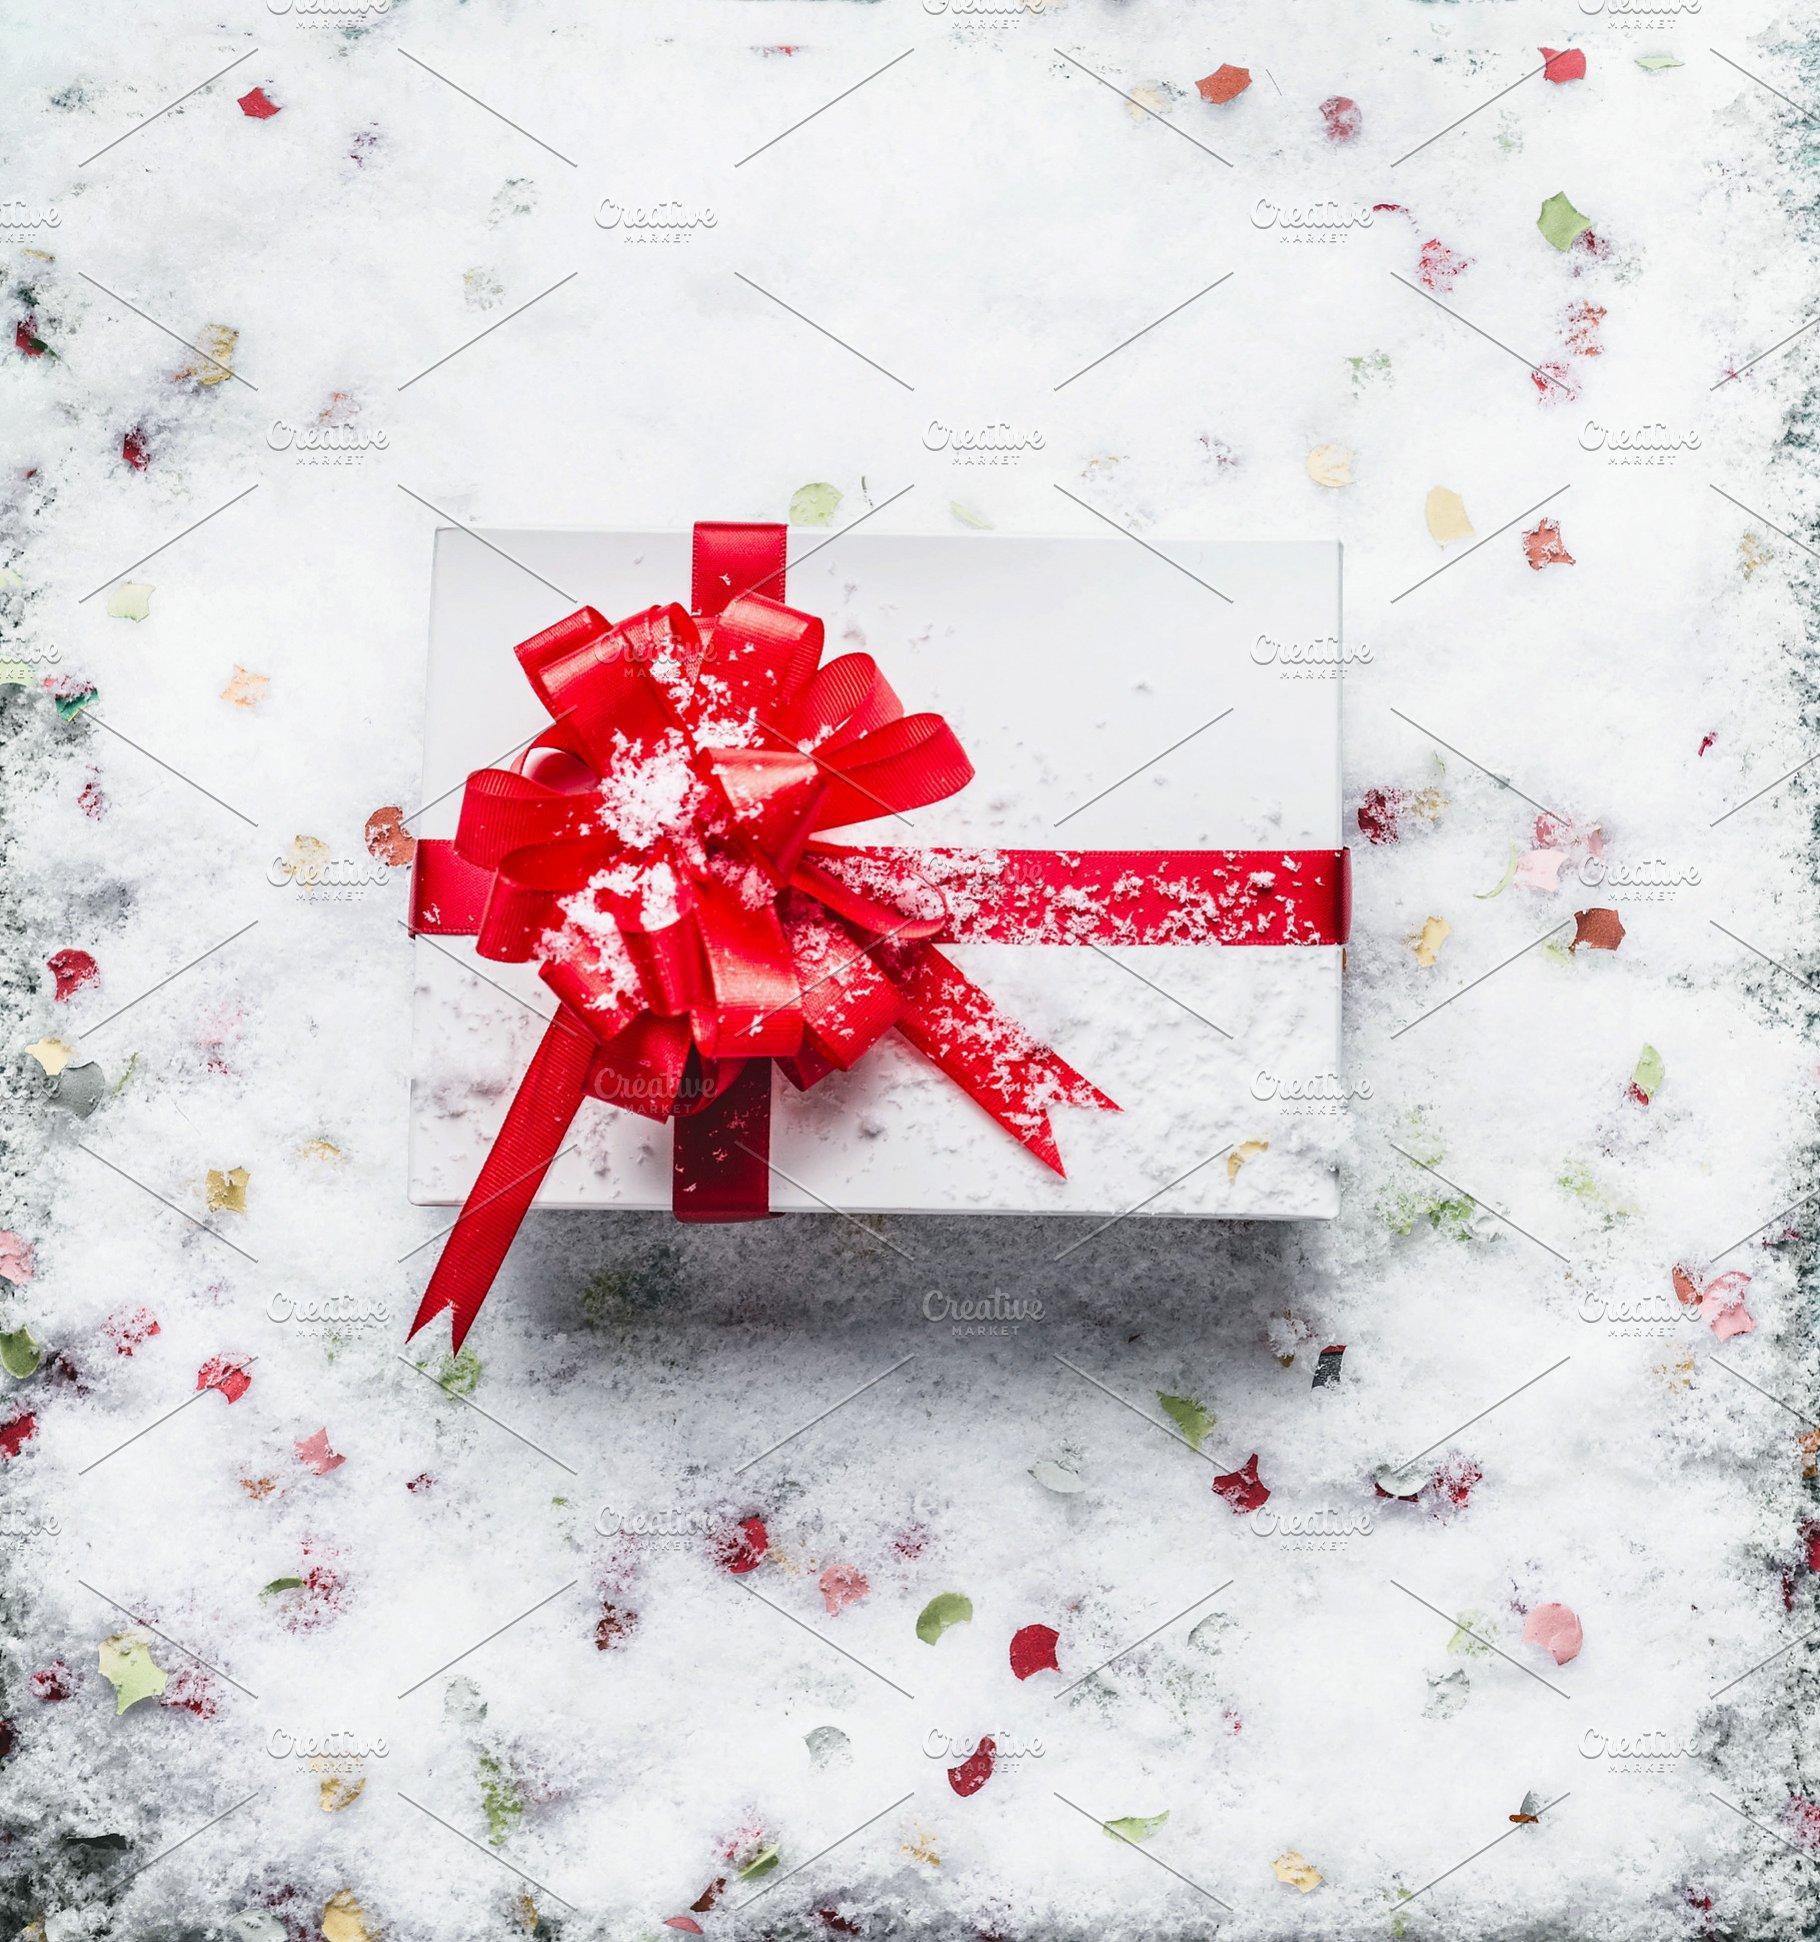 Christmas Gift Box.Christmas Gift Box On Snow